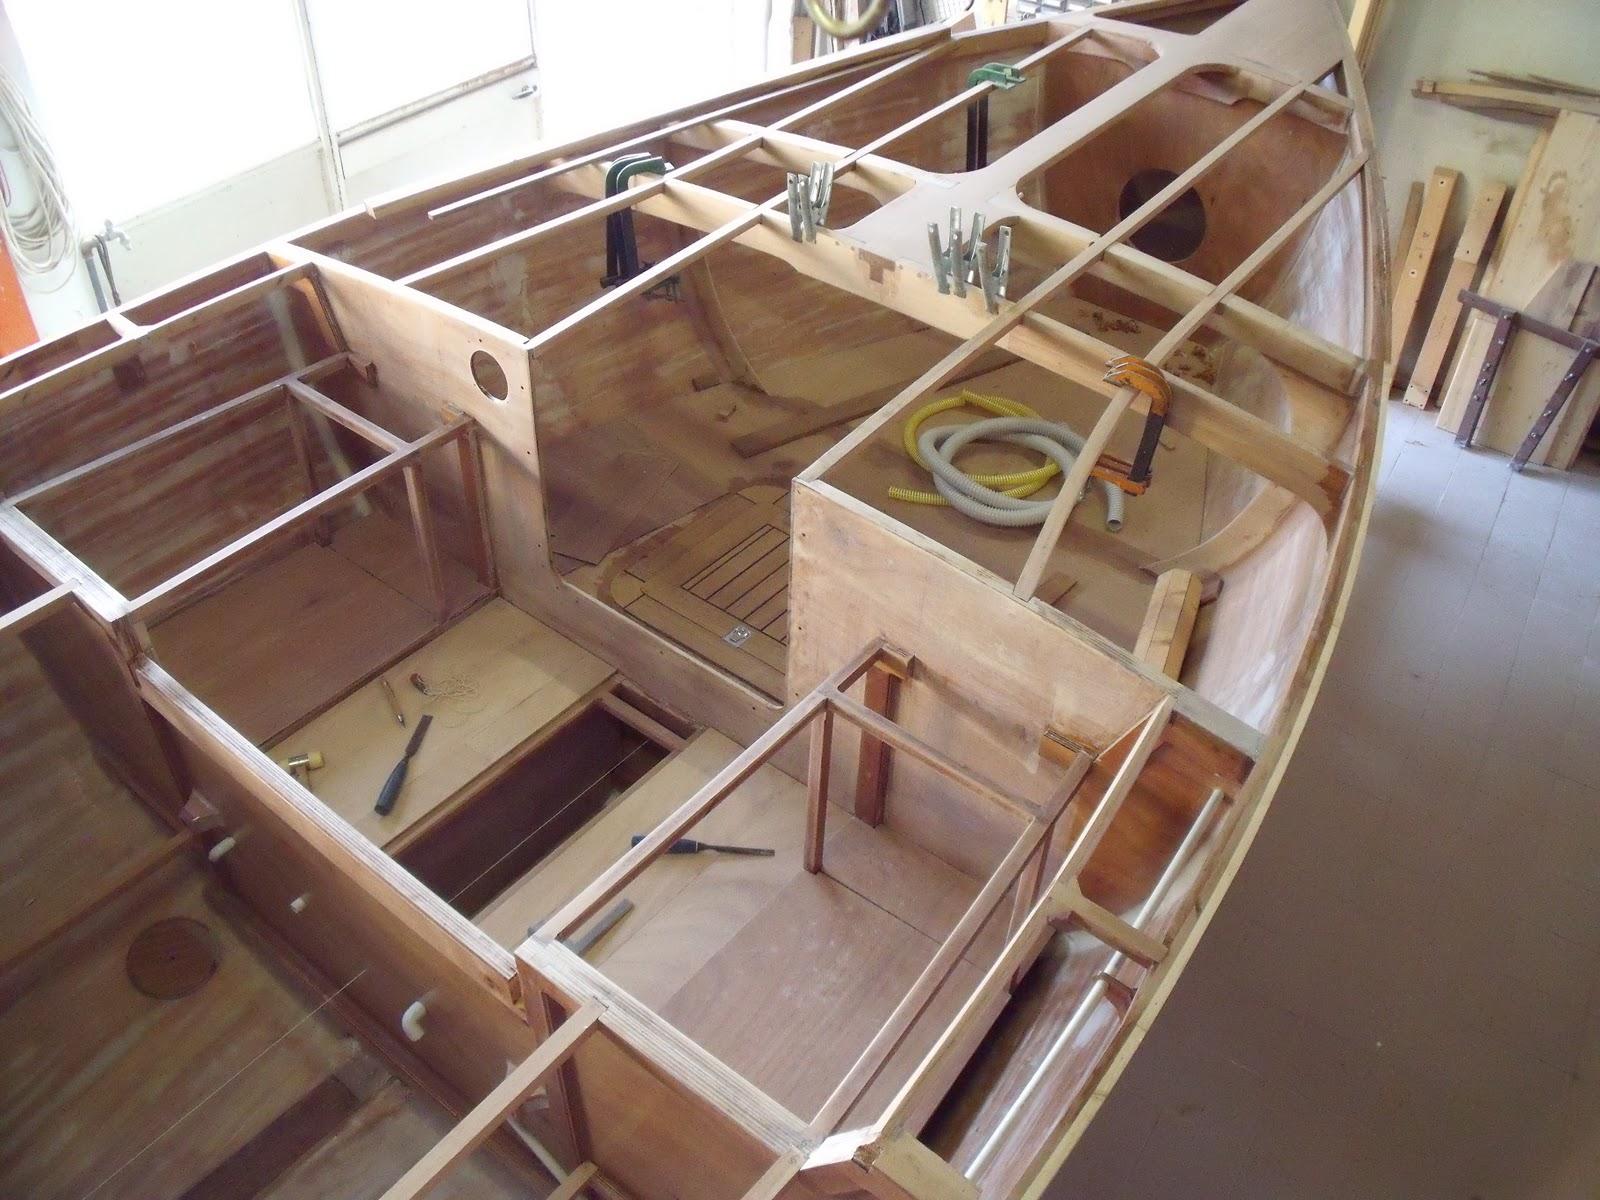 struttura di una barca realizzata con il compensato marino